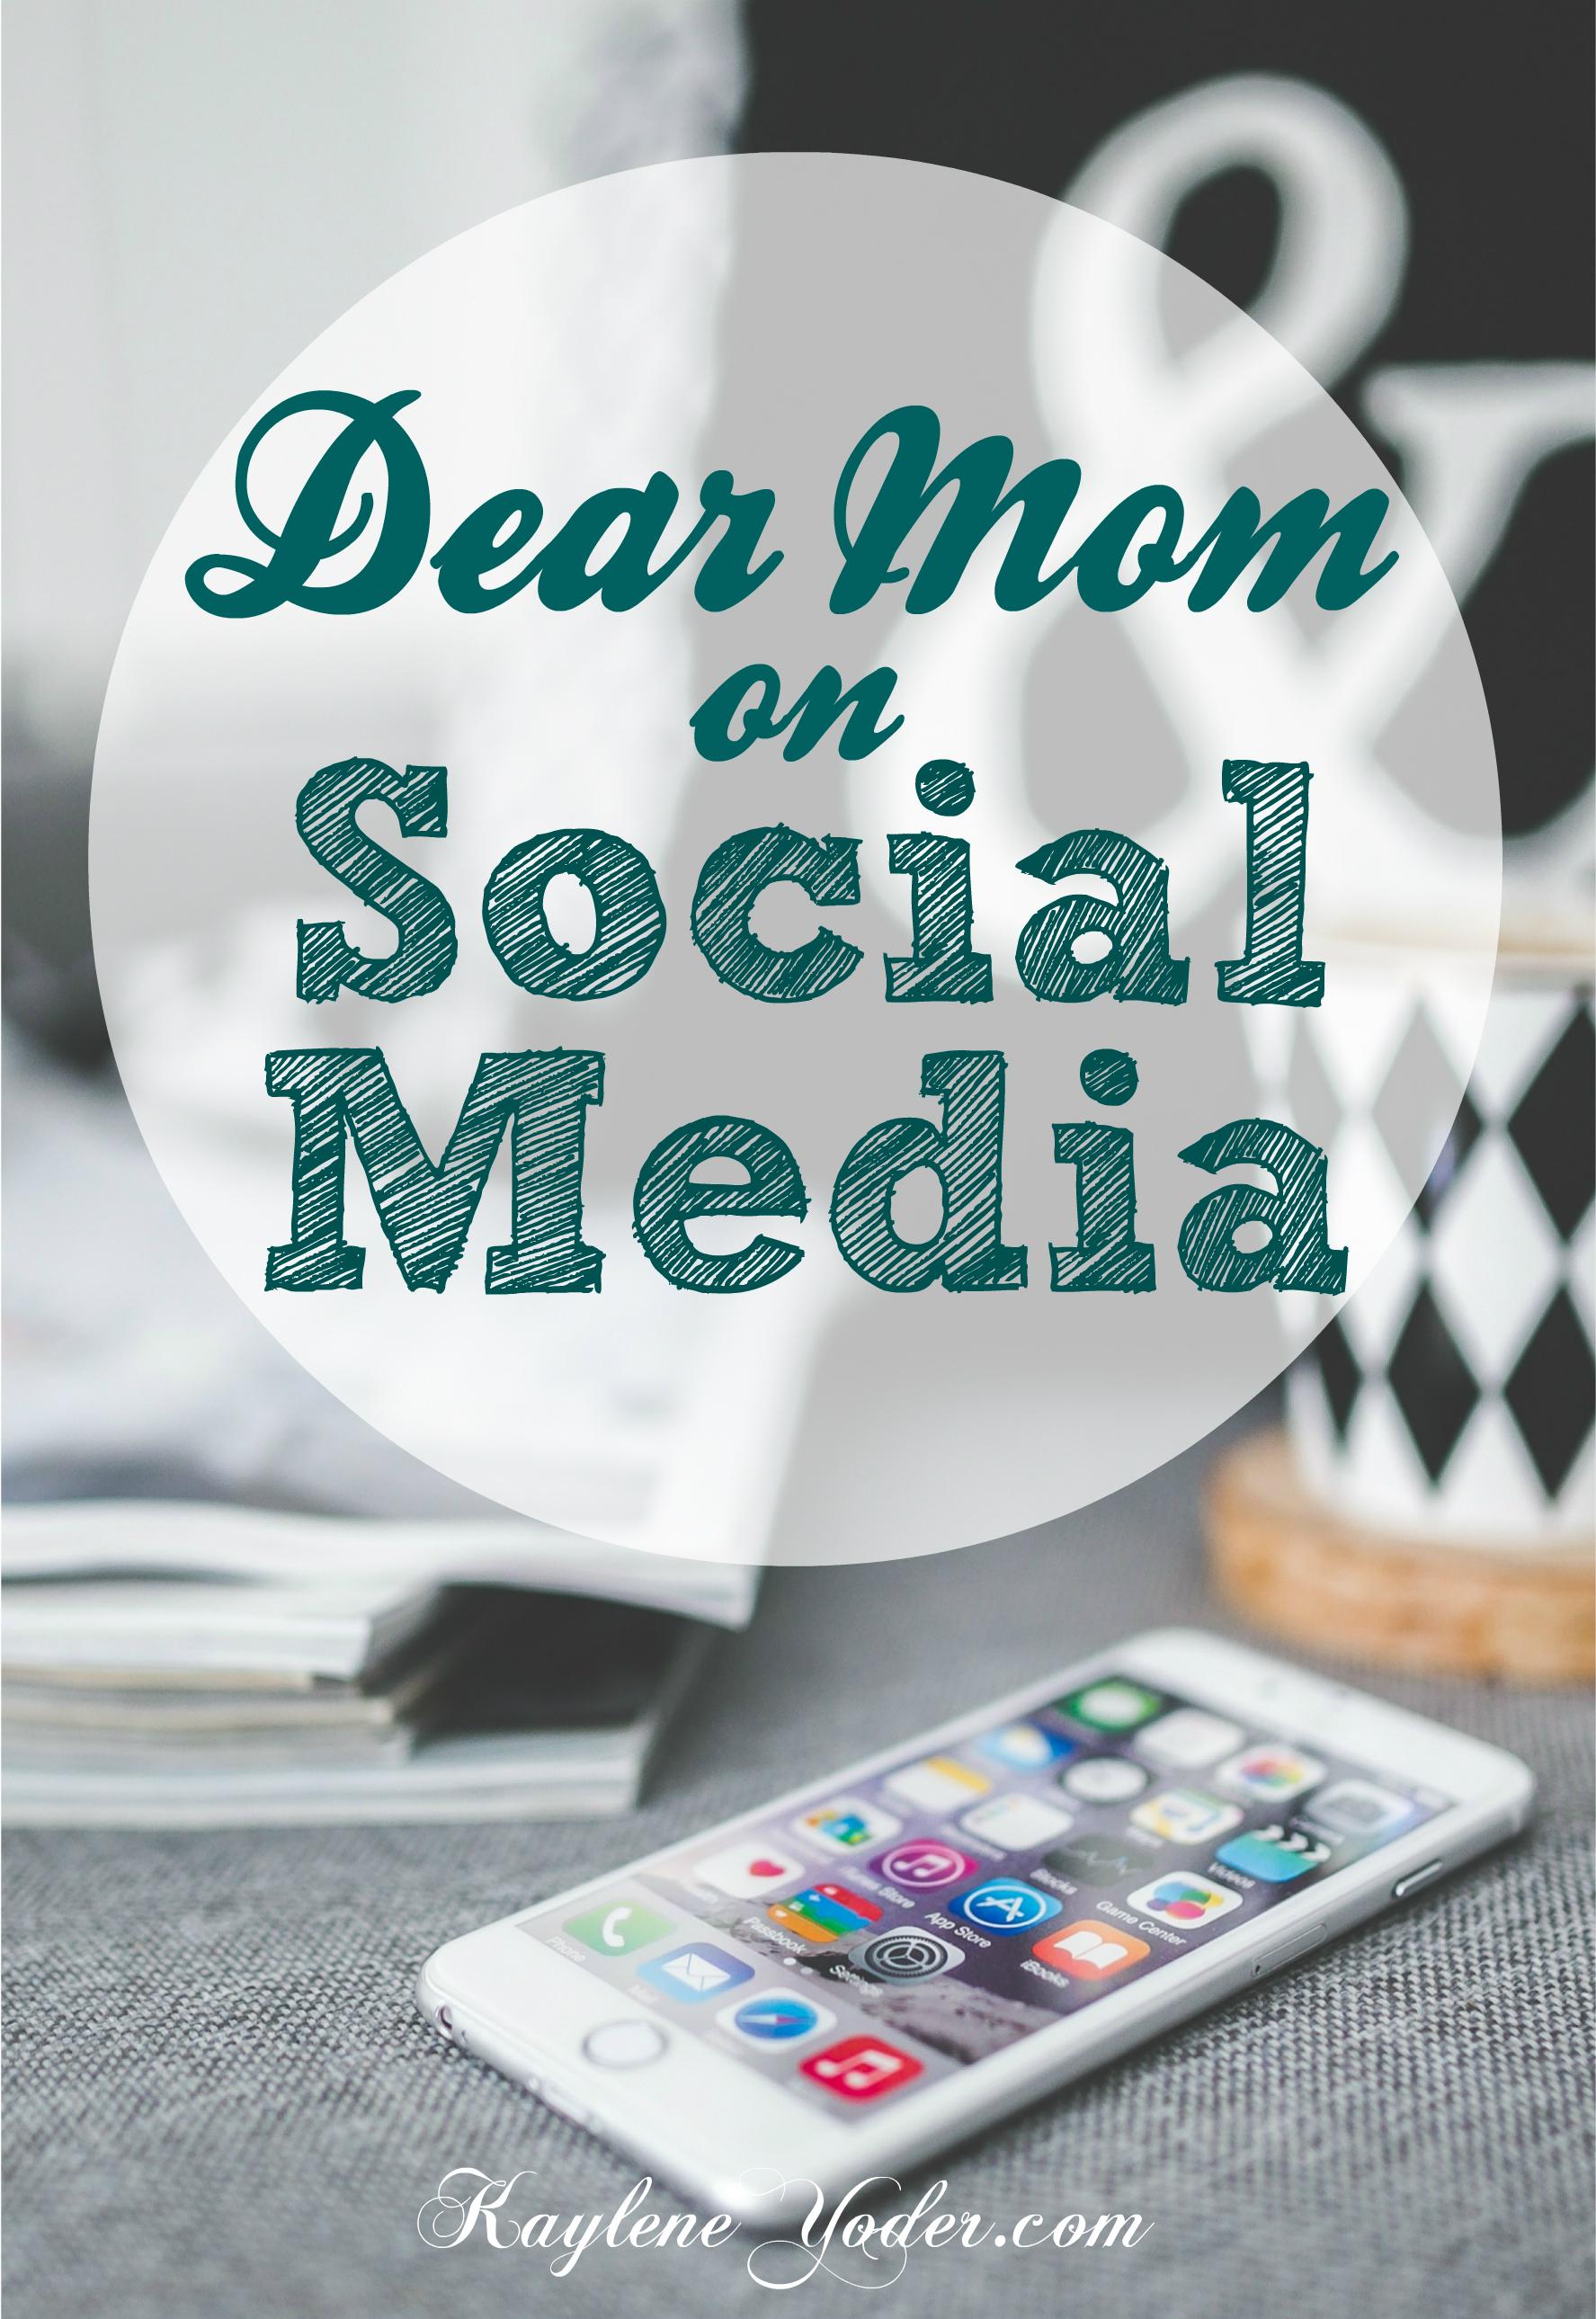 Dear Mom on Social Media